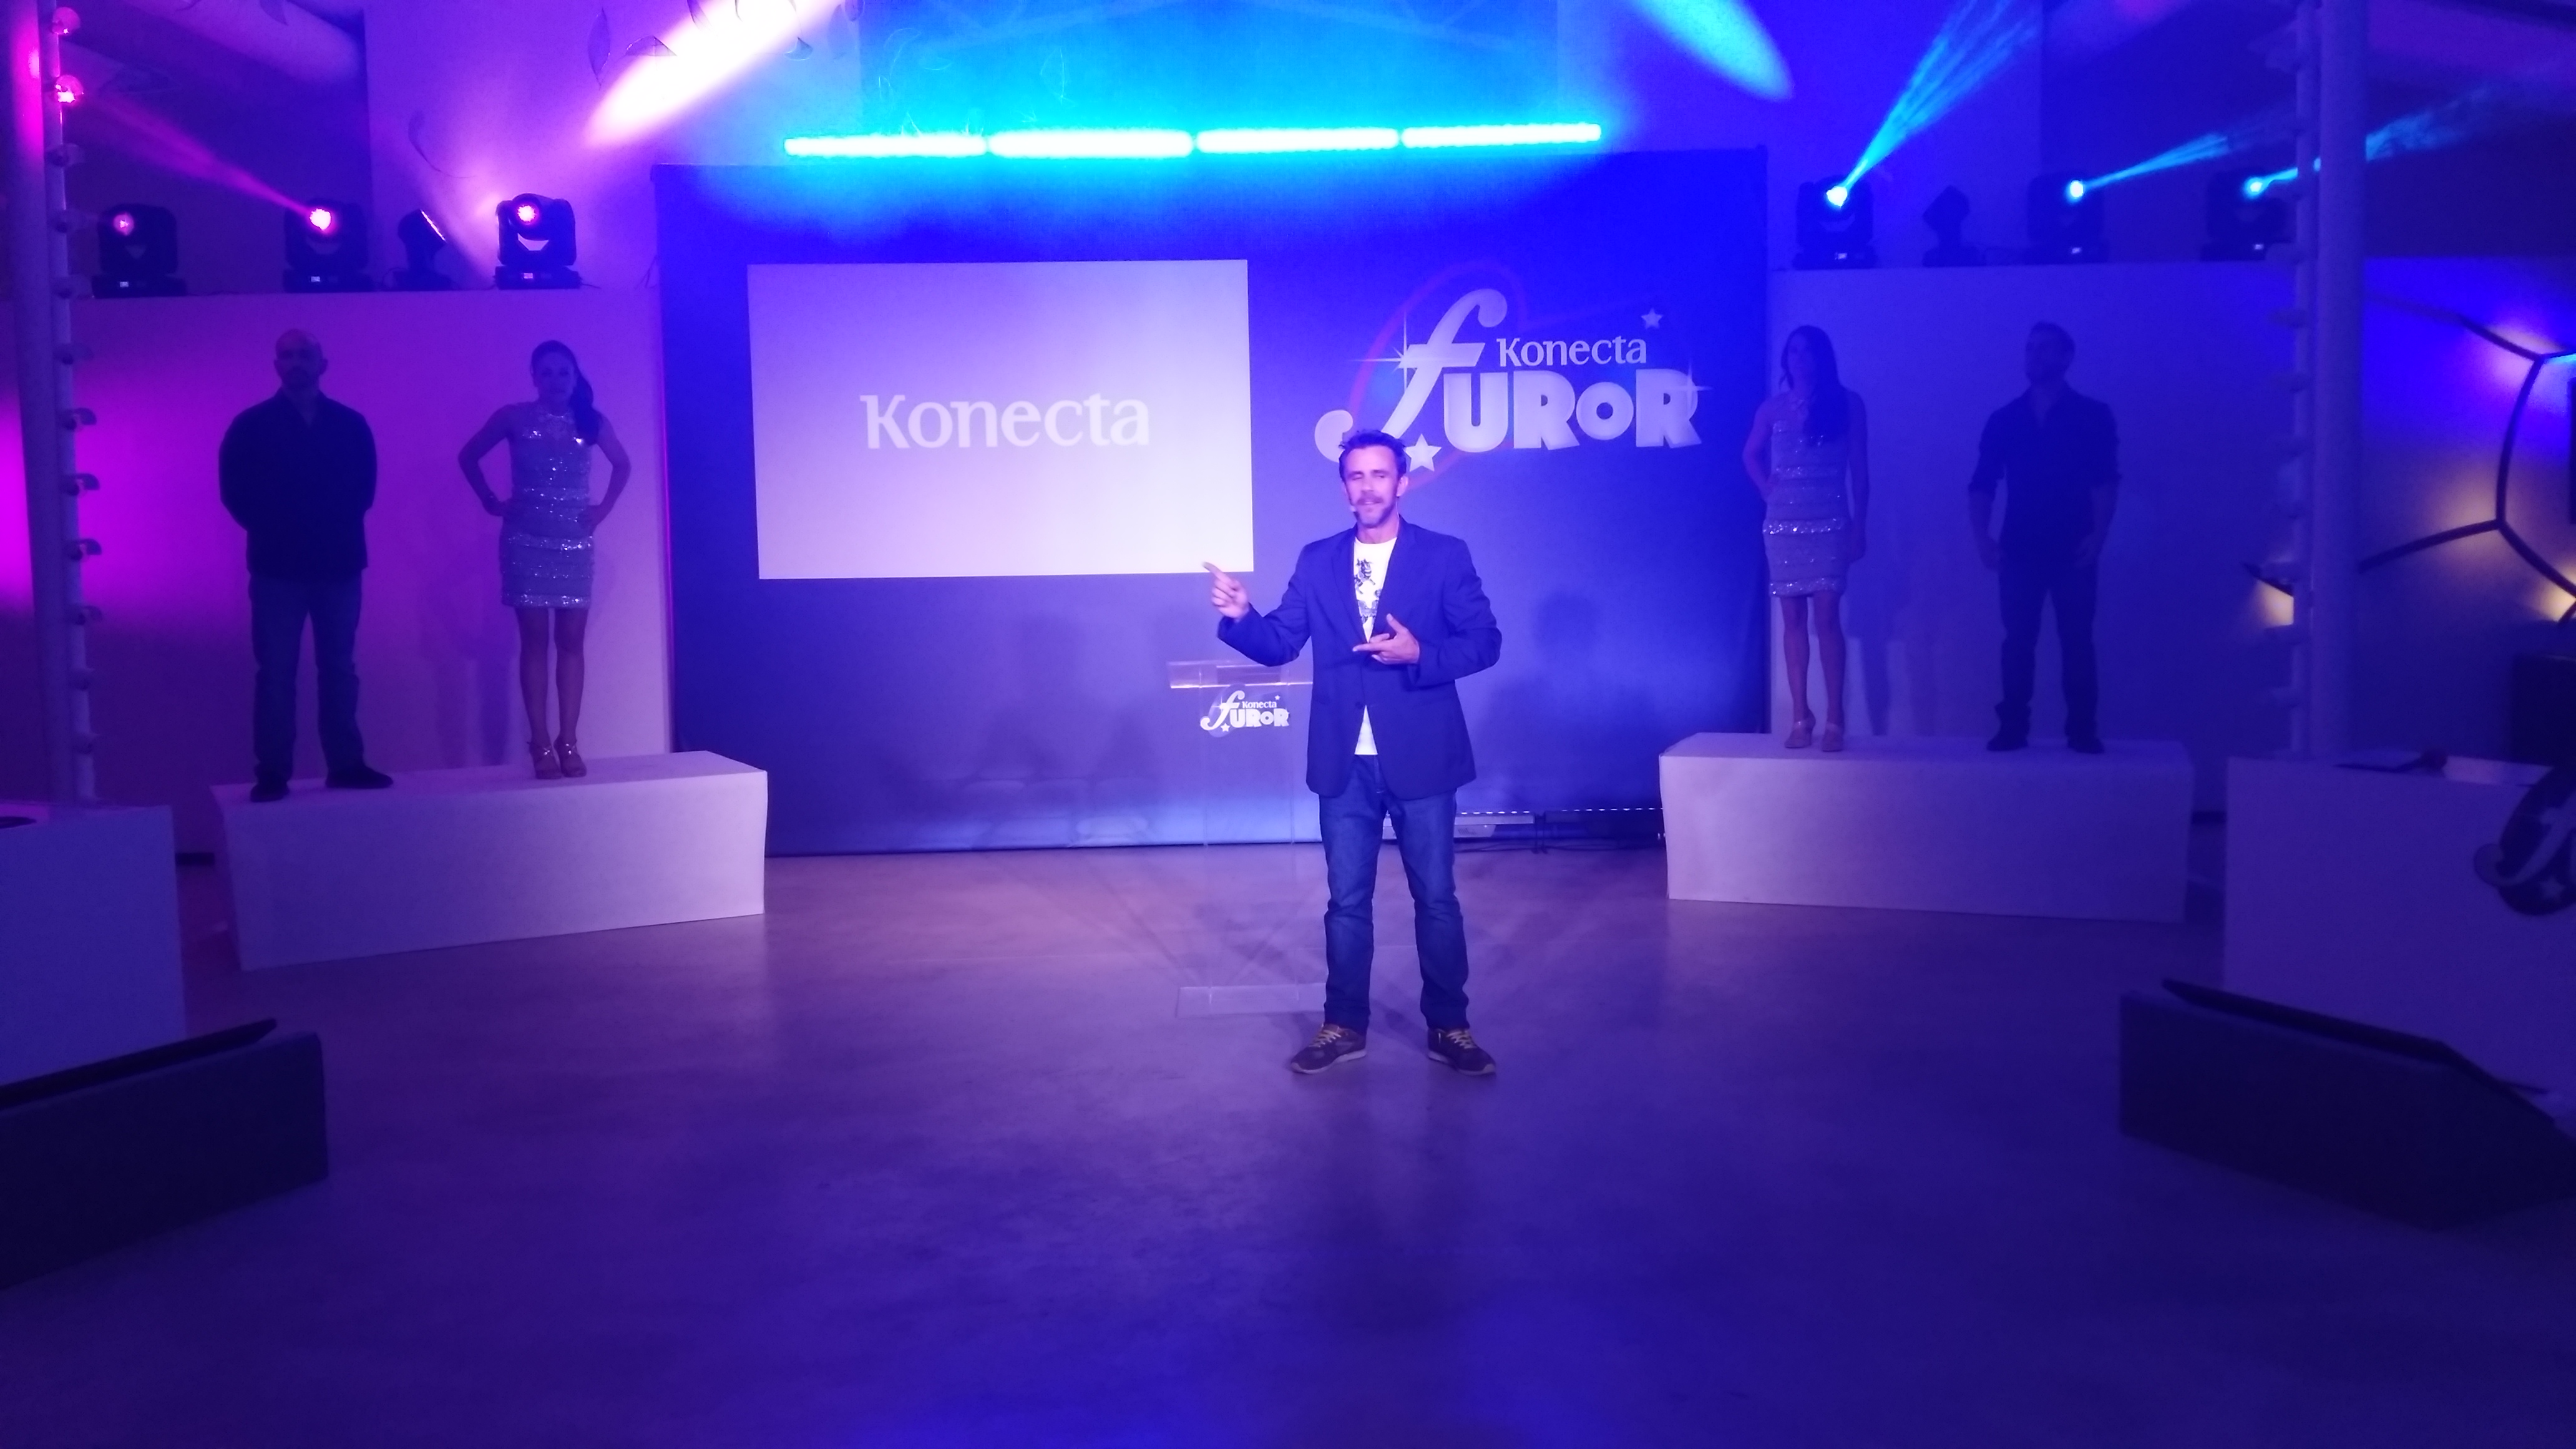 Evento-Konecta-7